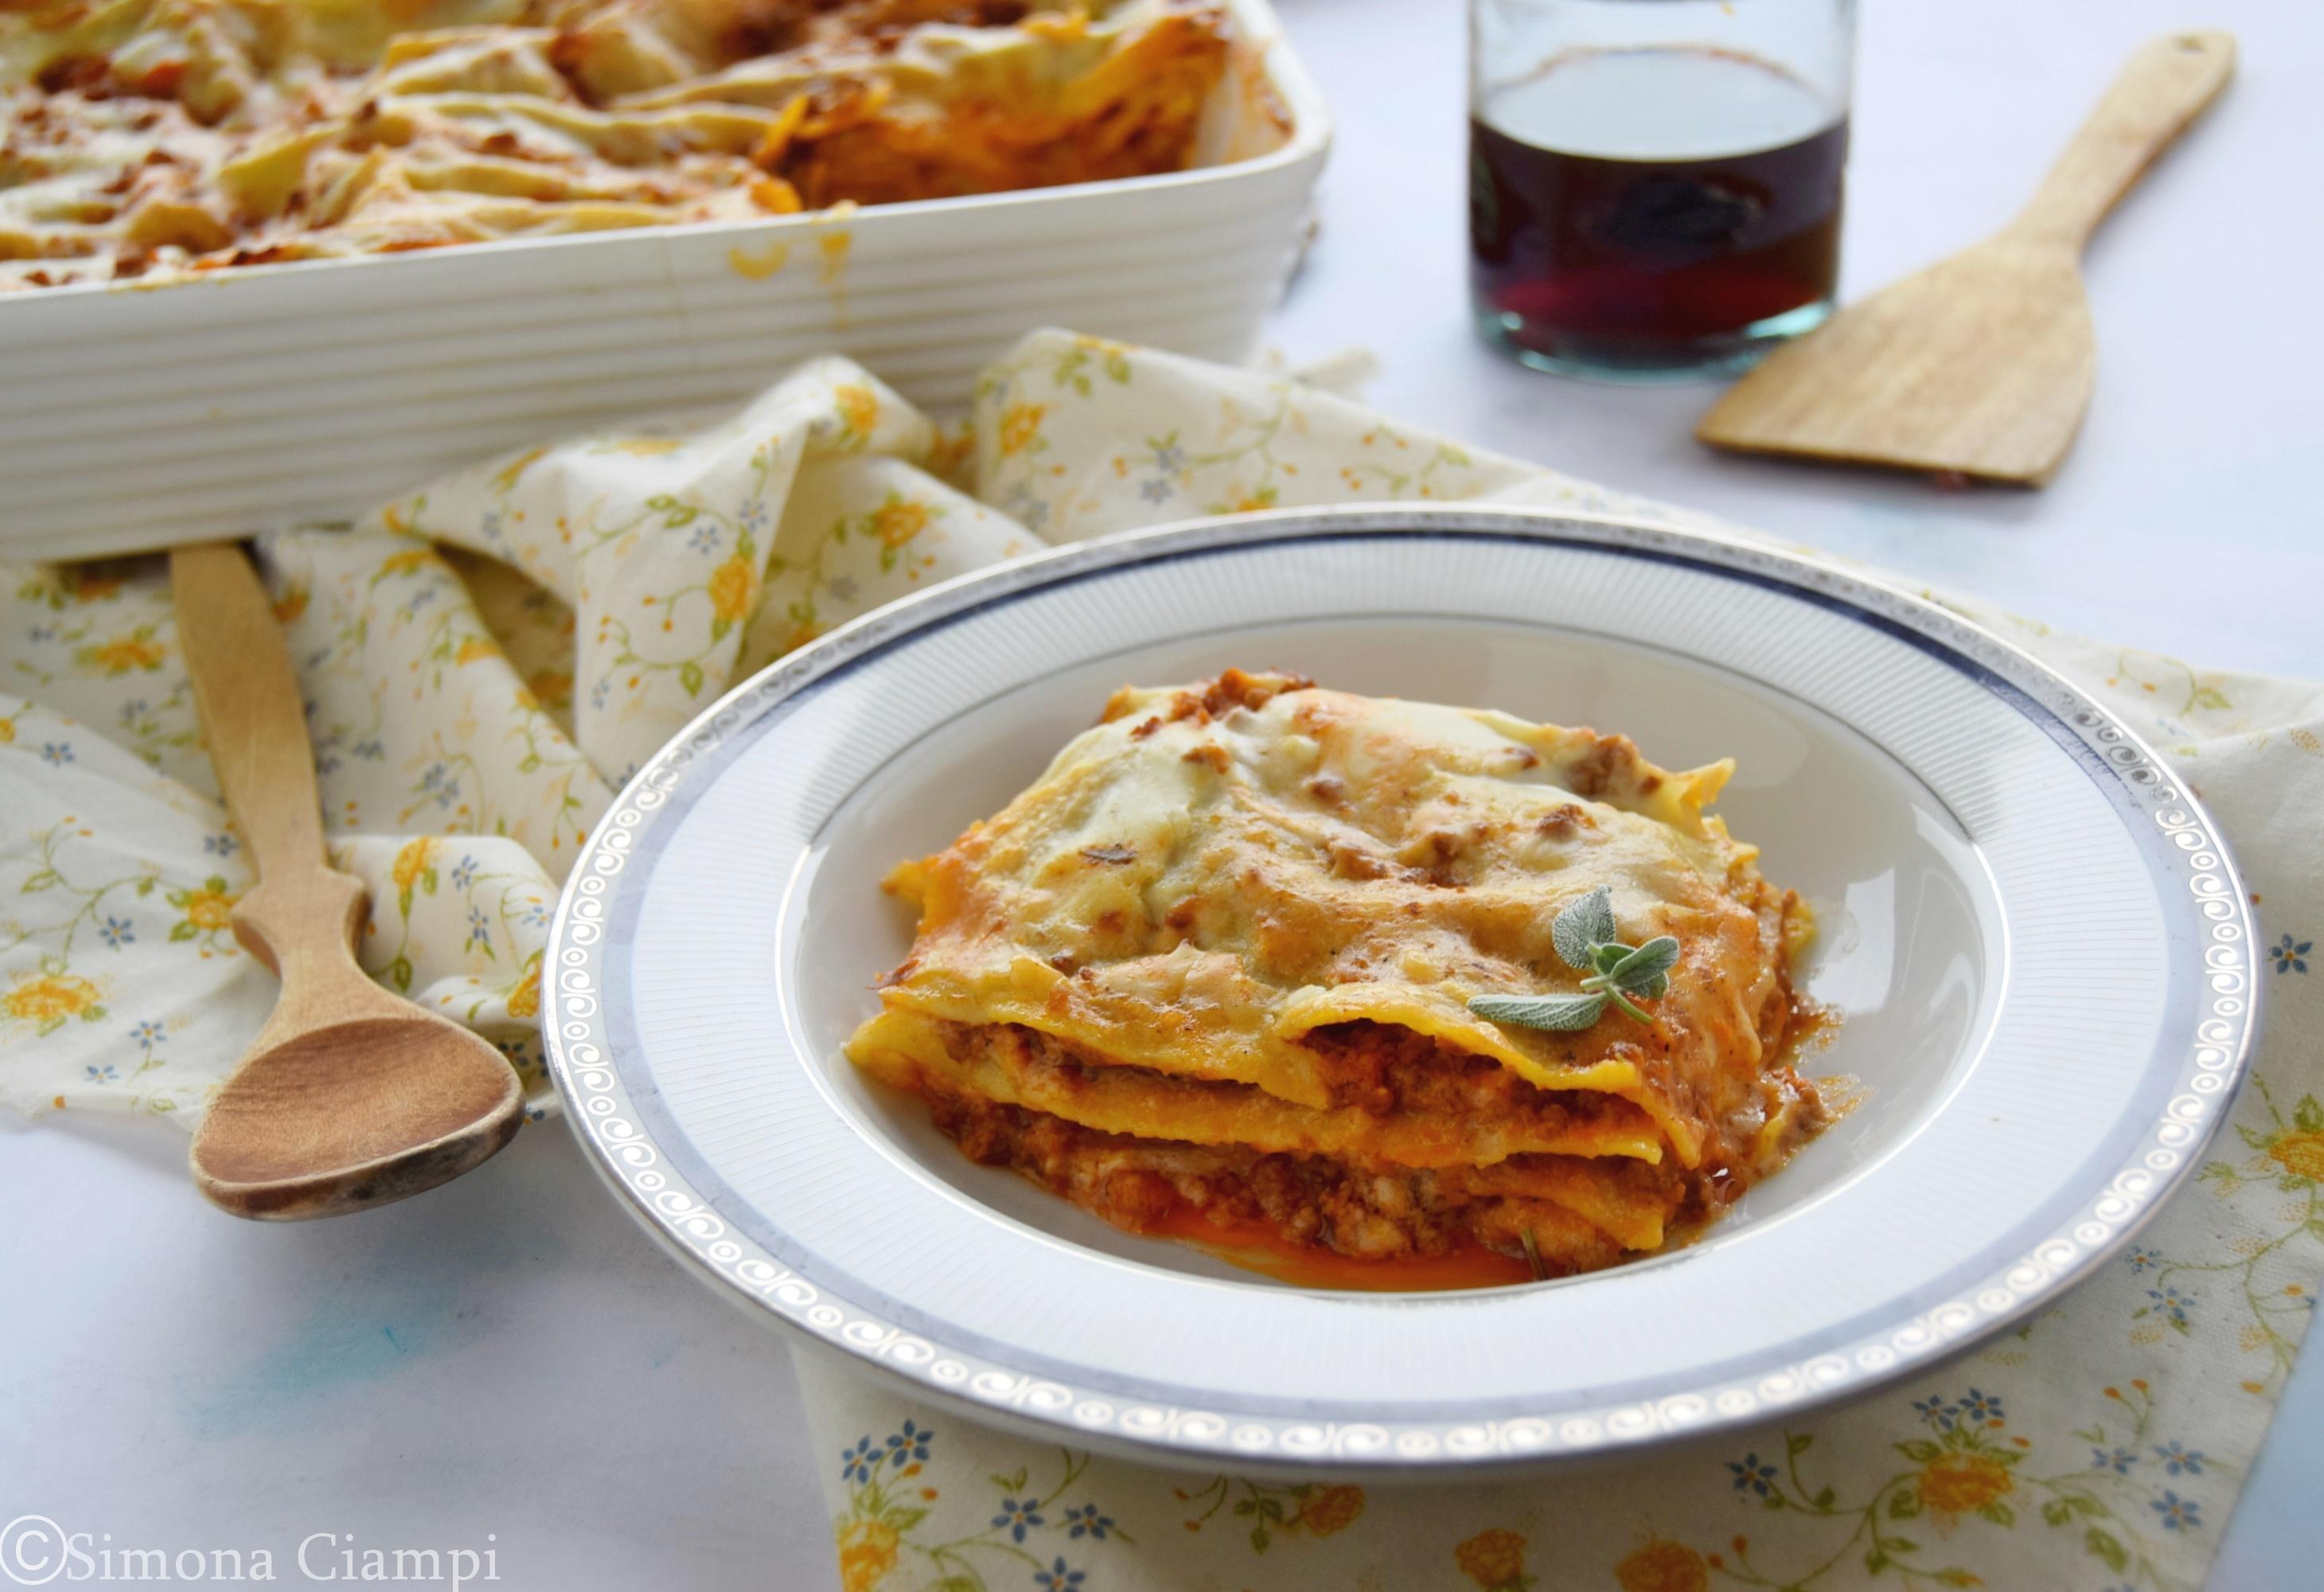 Ricetta Lasagne Toscane.Lasagne Toscane Pranzo Domenicale Lapasticceramatta